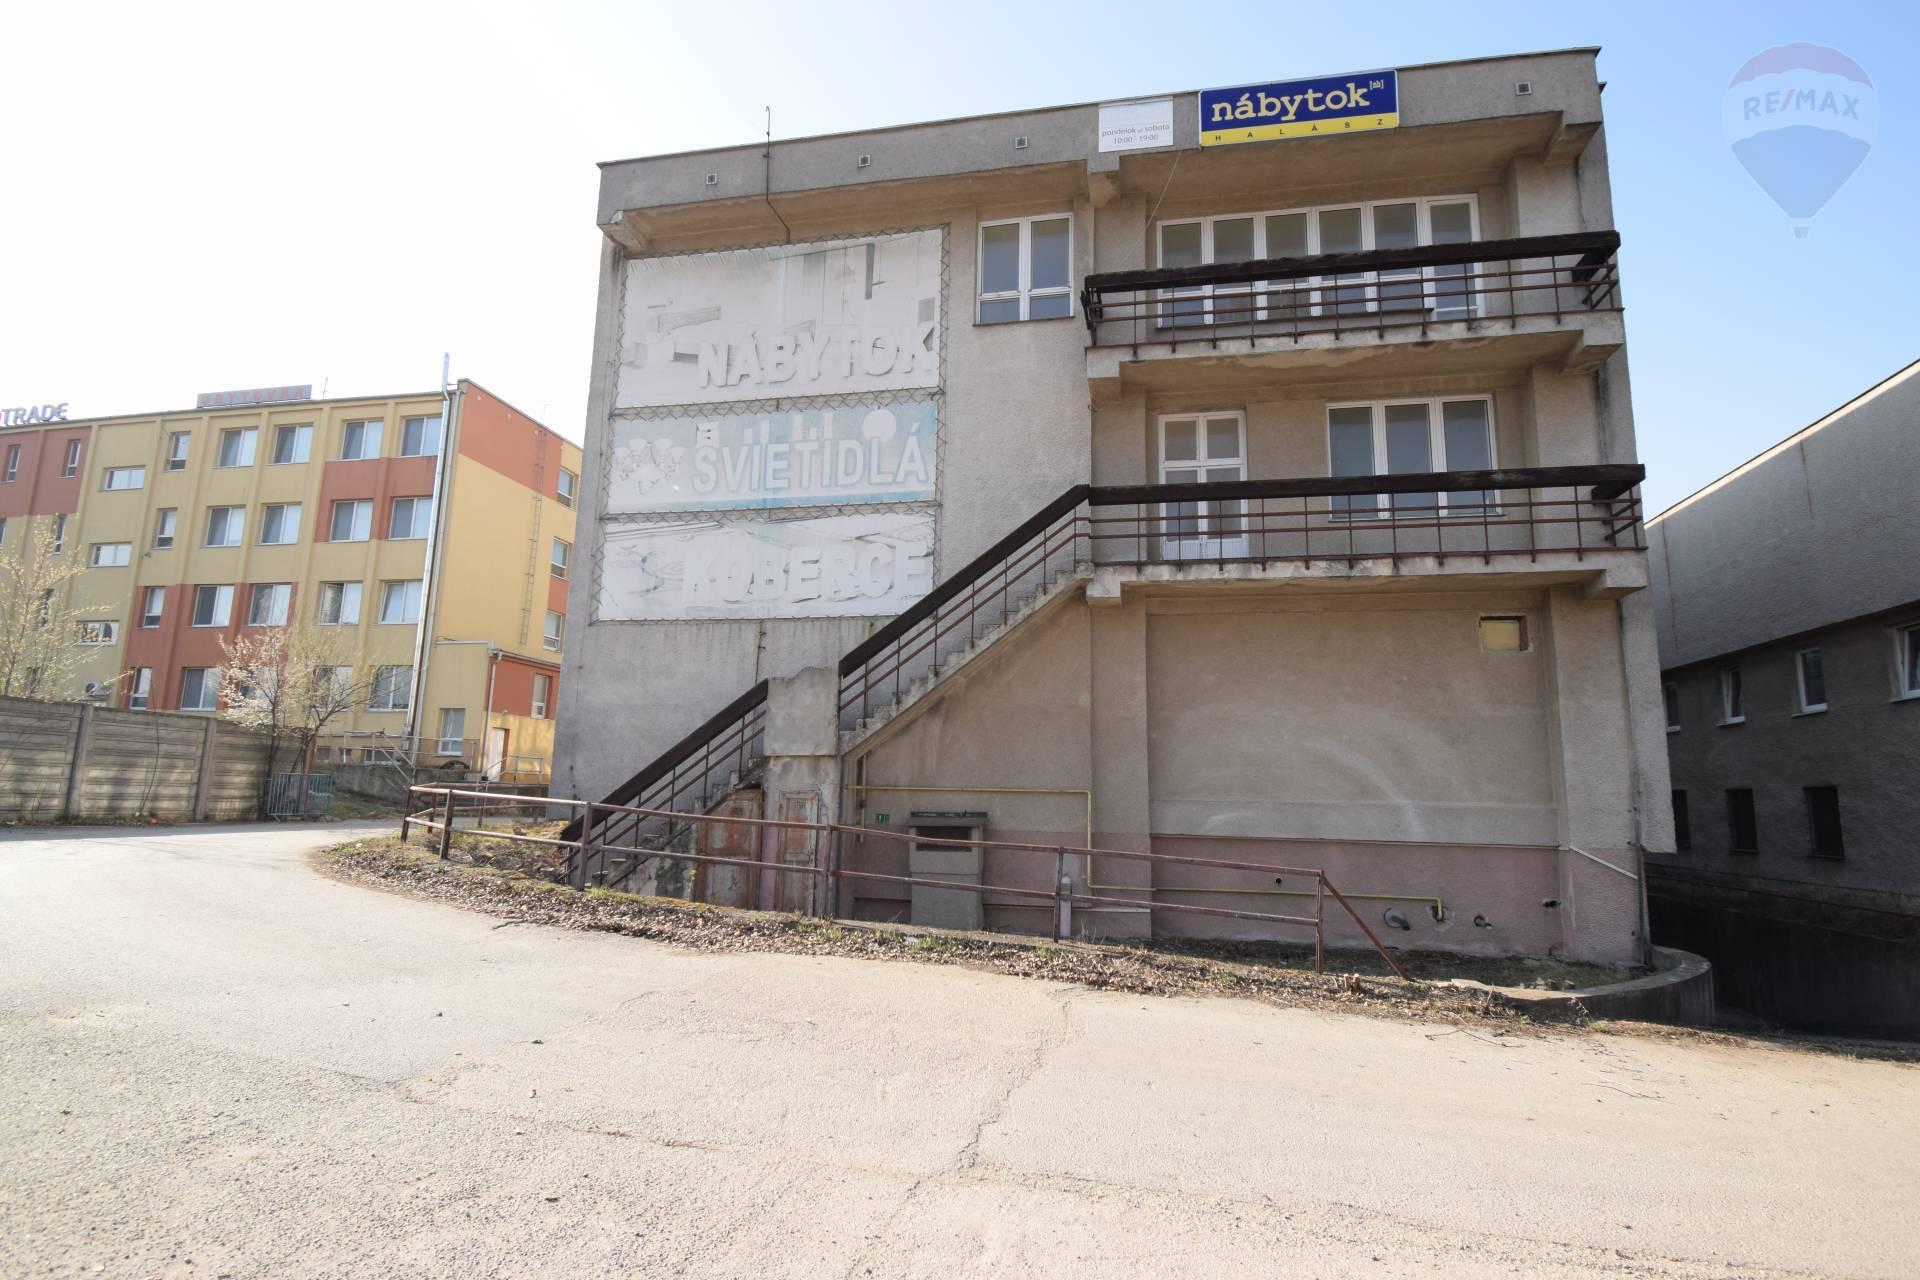 Predaj komerčného objektu 3028 m2, Nitra - predaj budova výroby Nitra